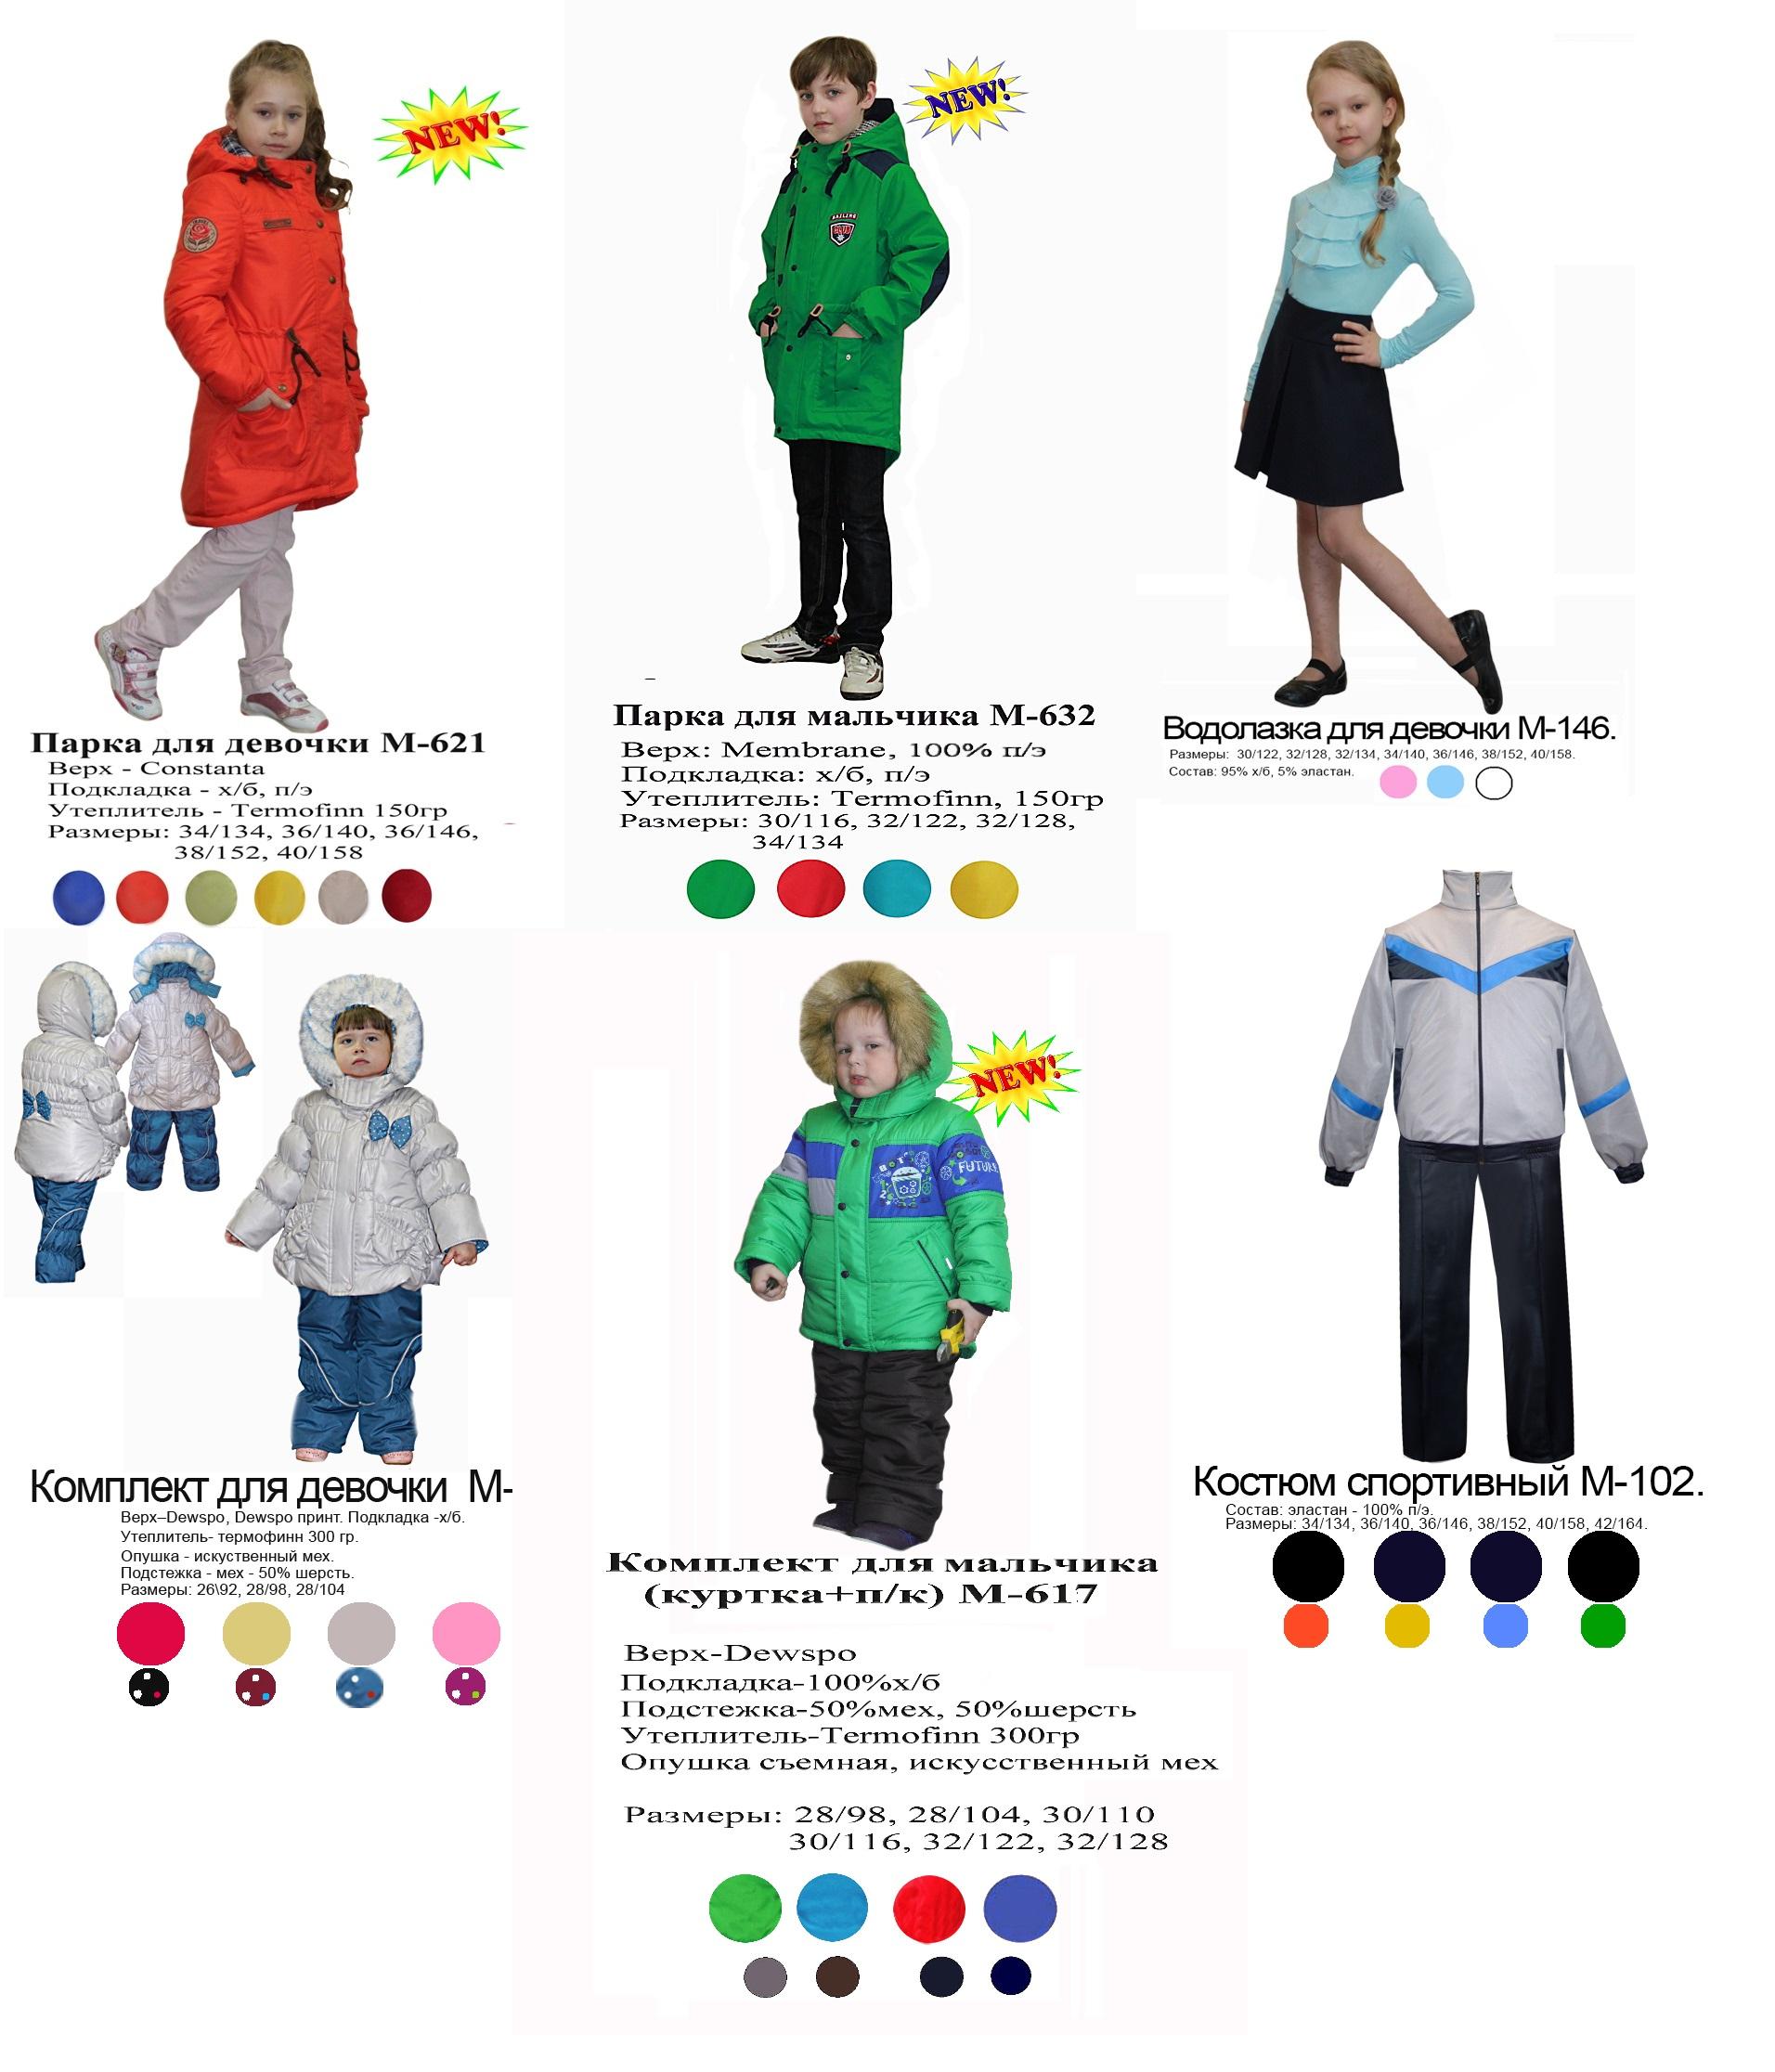 ТМ Эврика верхняя одежда для детей. Осень-Зима 2016-2017. Трикотаж. Школа. Без рядов! Цены радуют! Выкуп 30